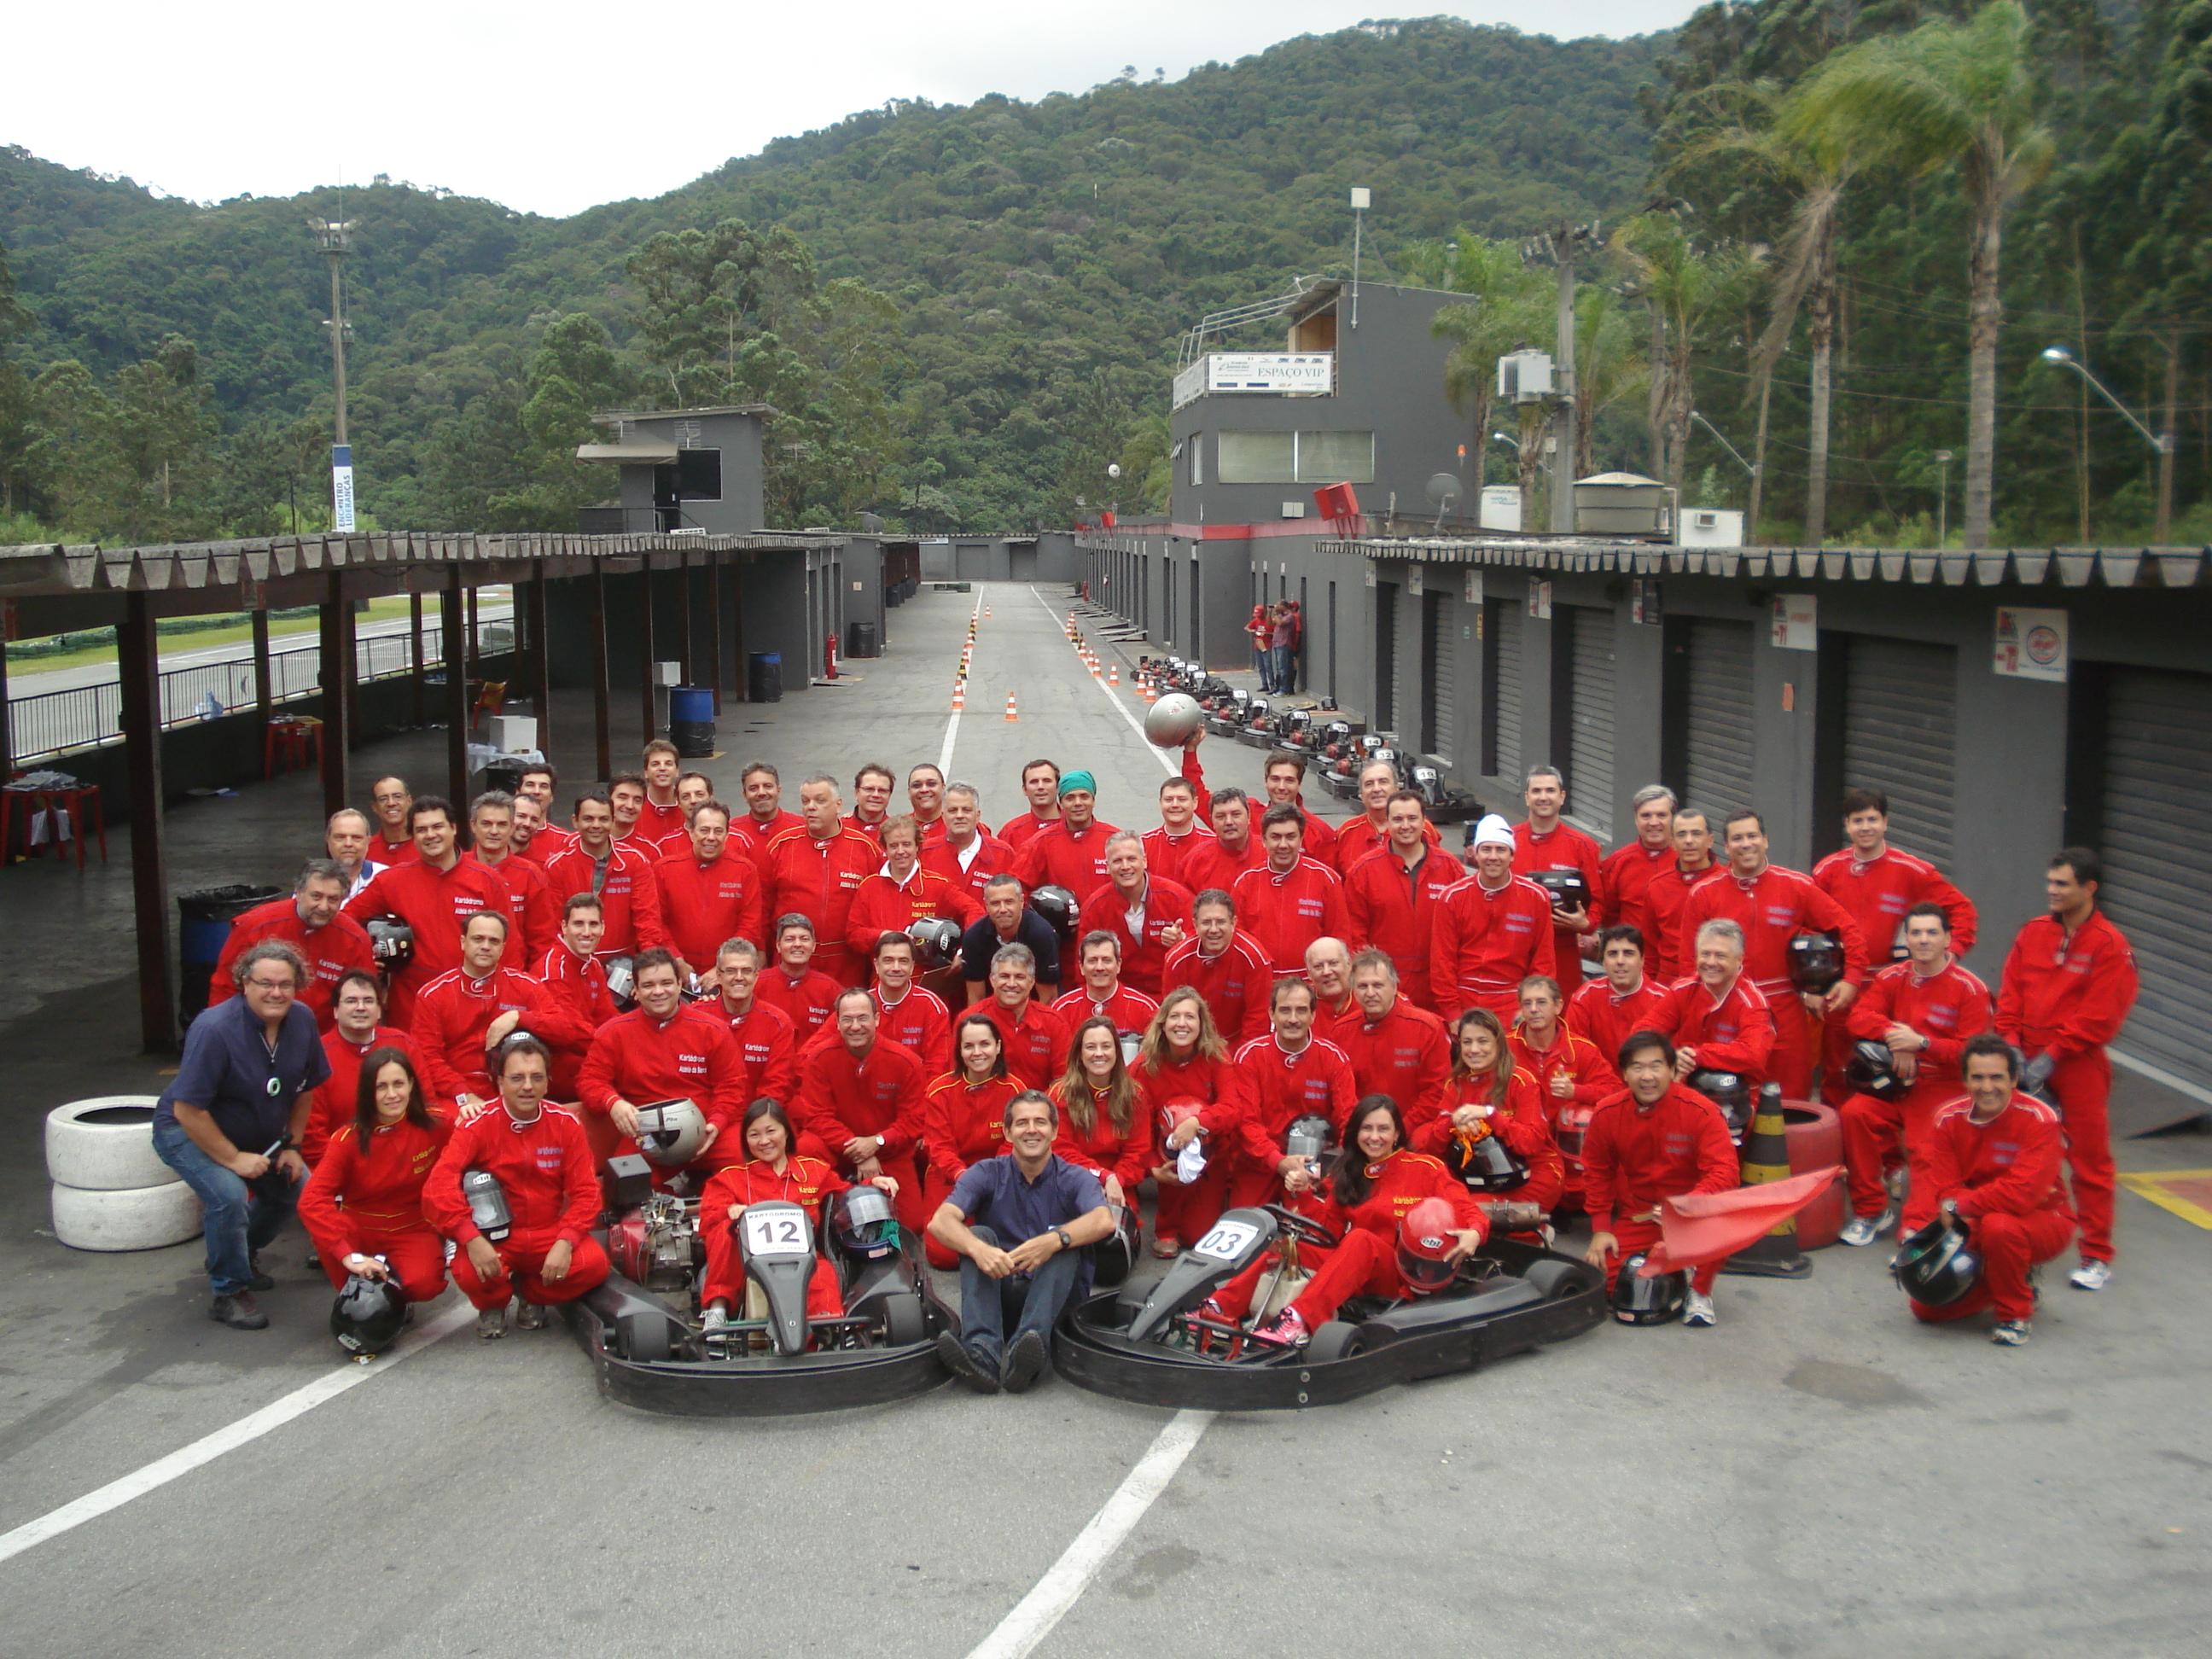 Treinamento Motivacional com Rally Empresarial e Palestra Motivacional do Piloto e Engenheiro Klever Kolberg